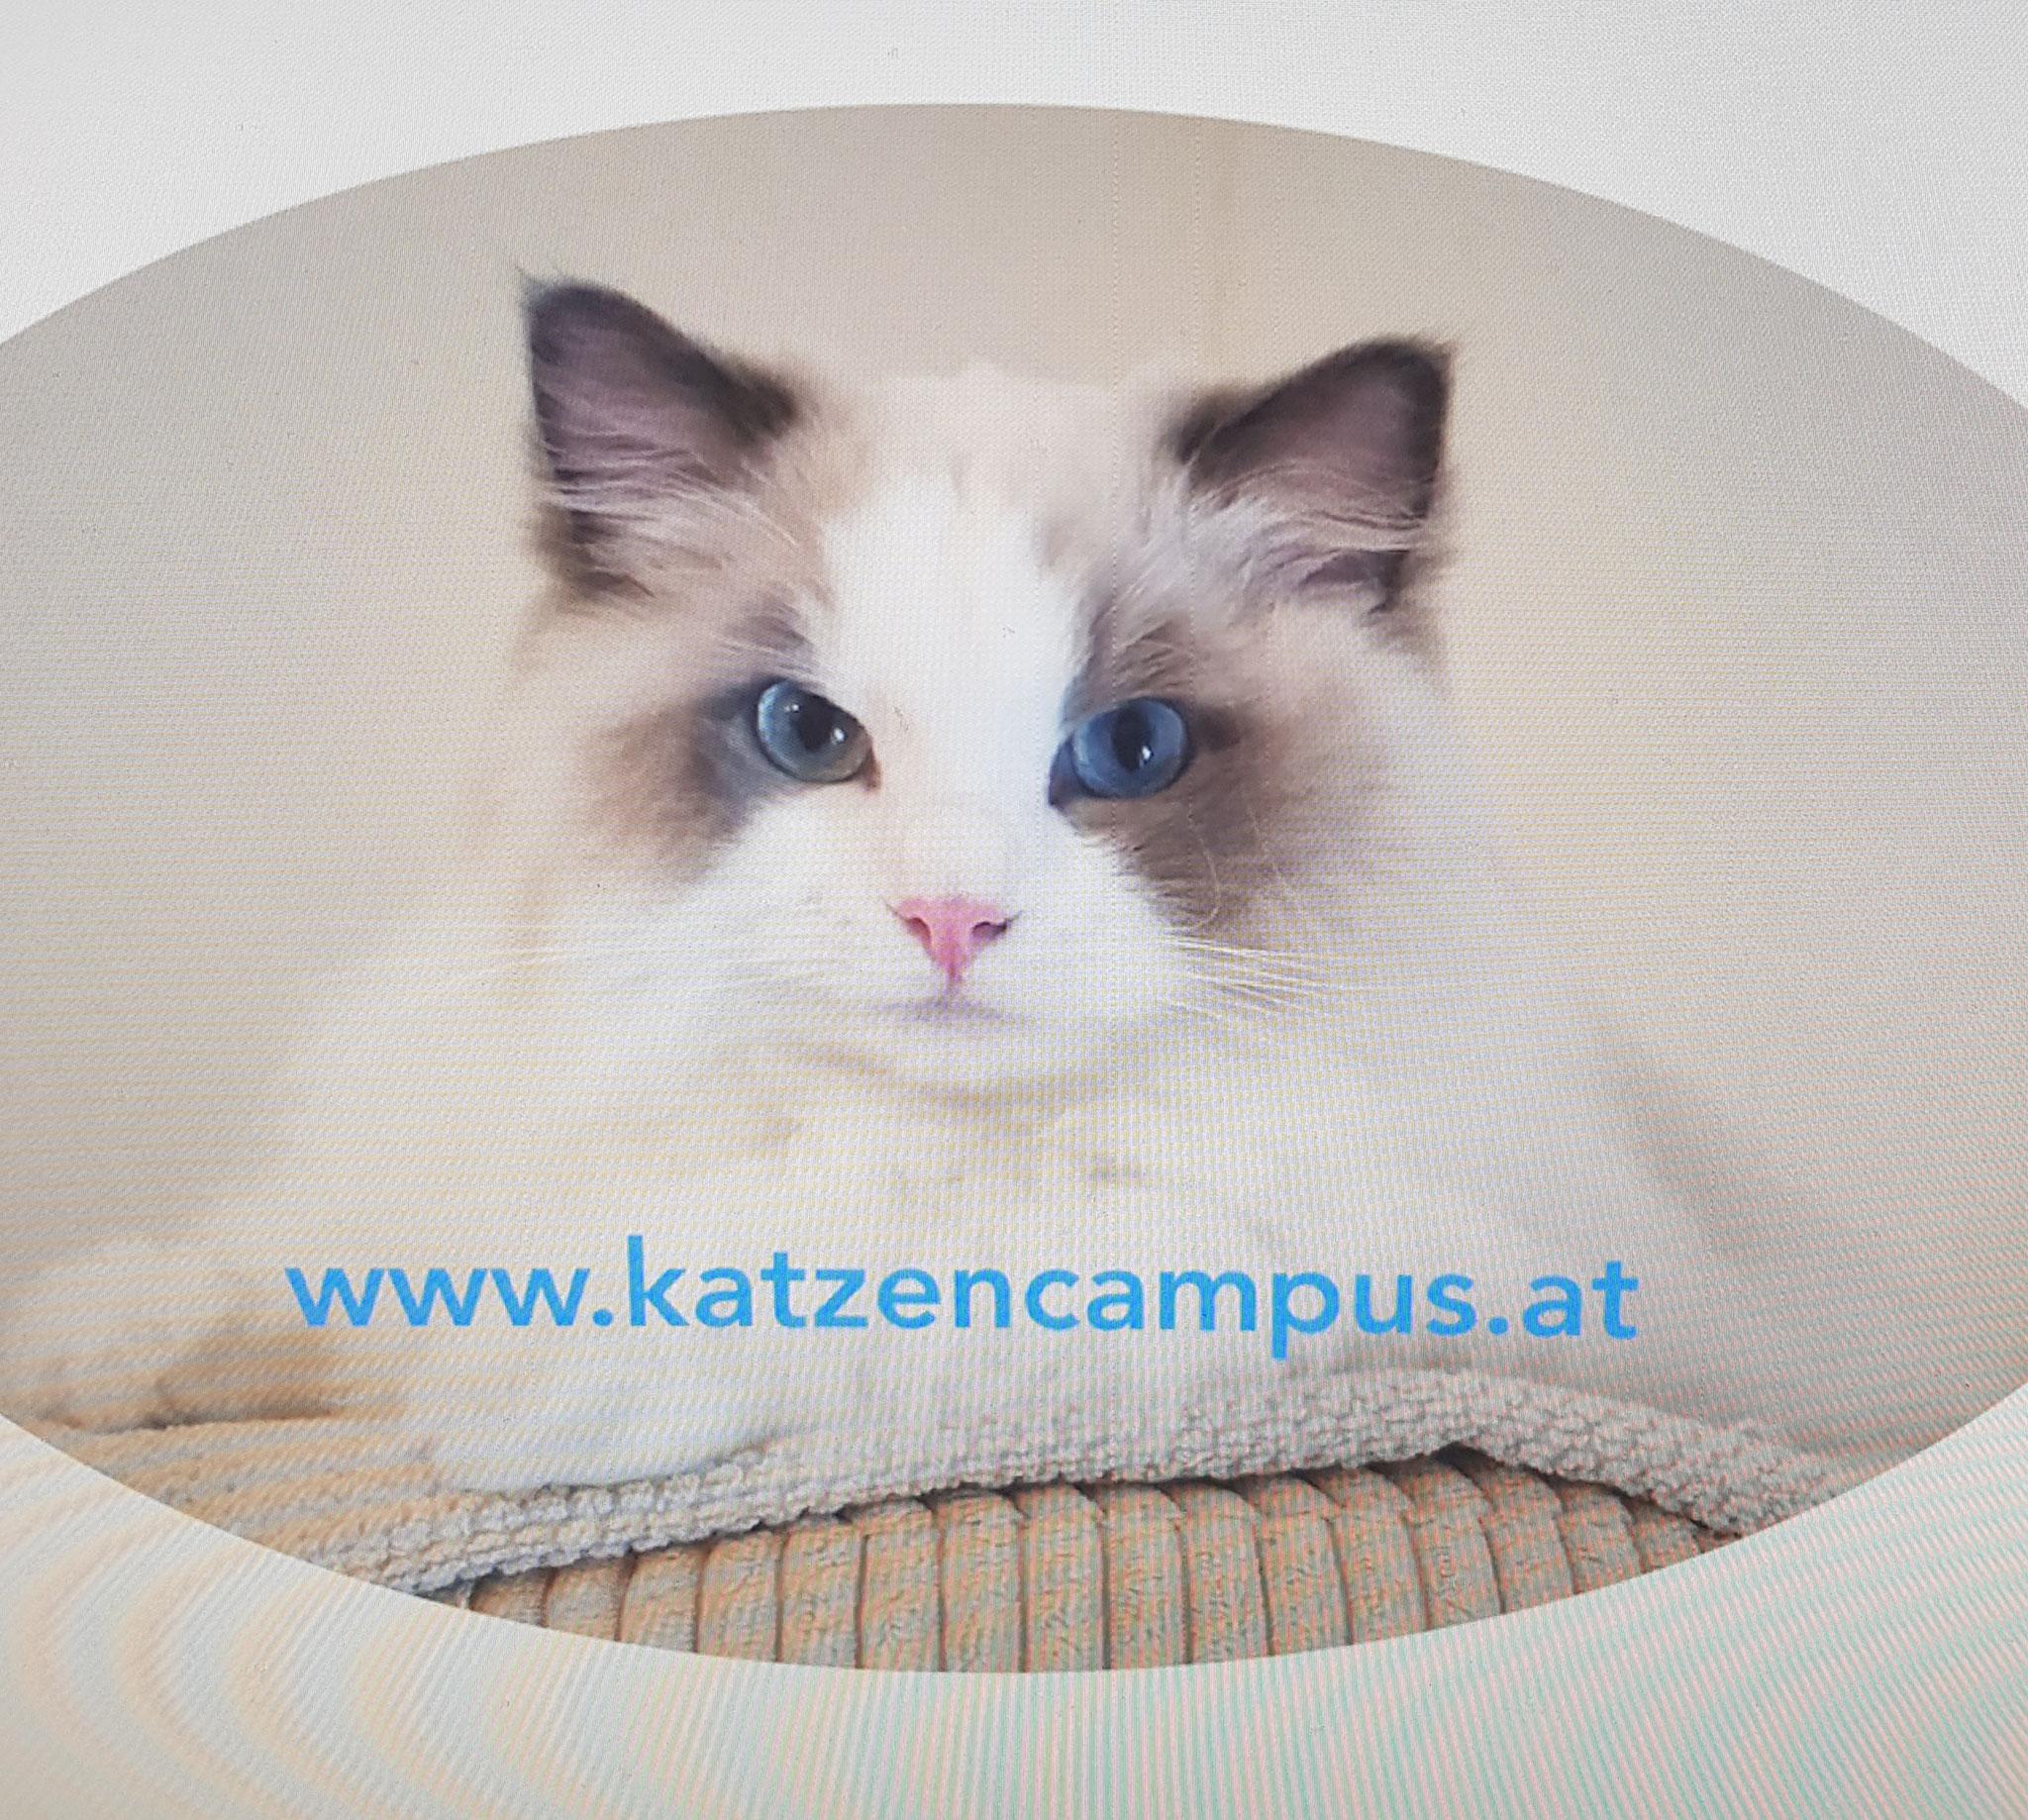 Katzencampus